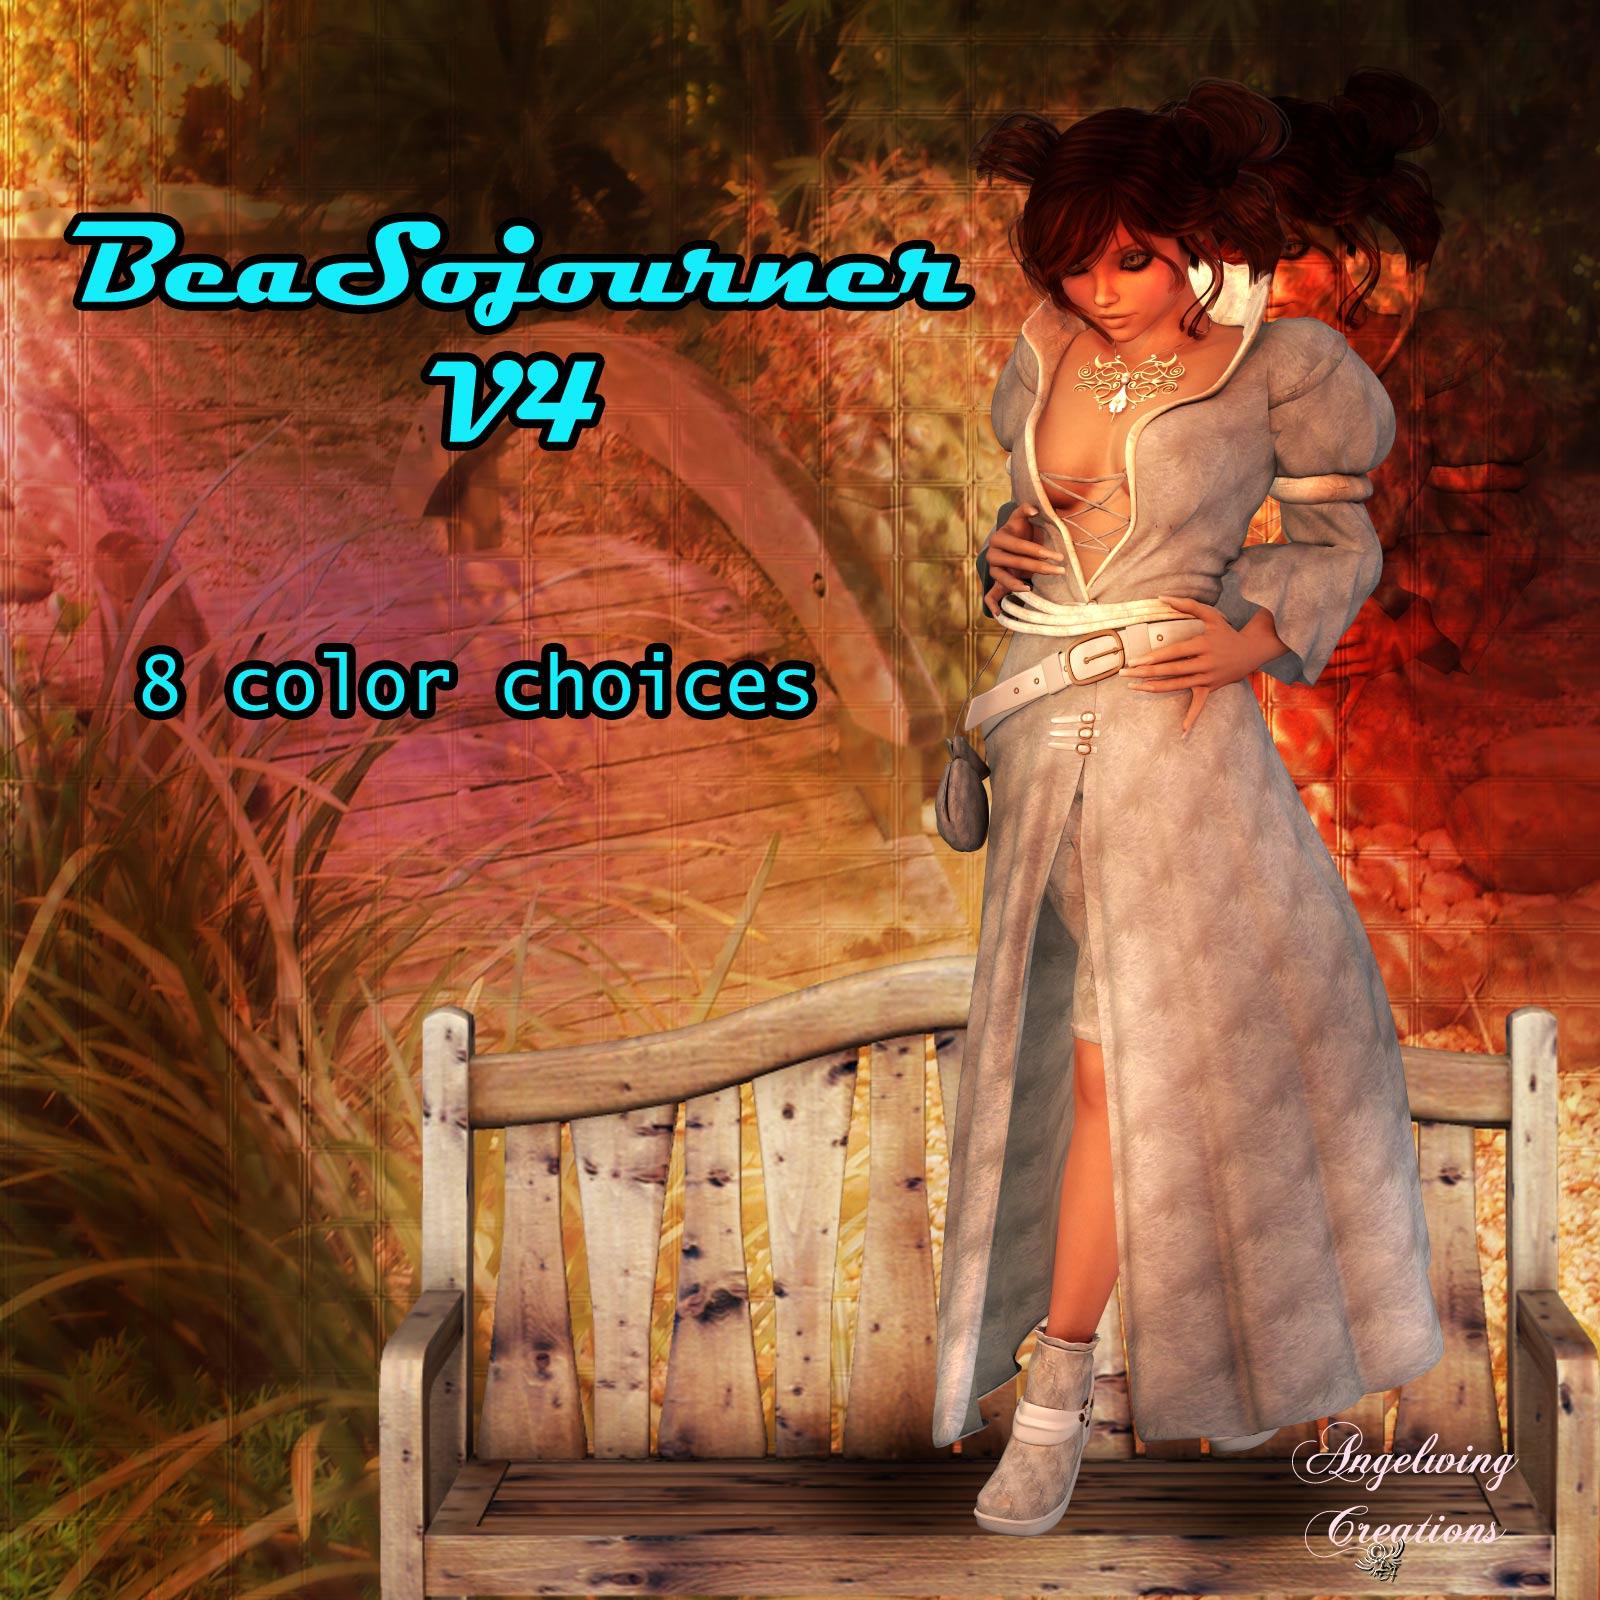 BeaSojourner V4 Exclusive